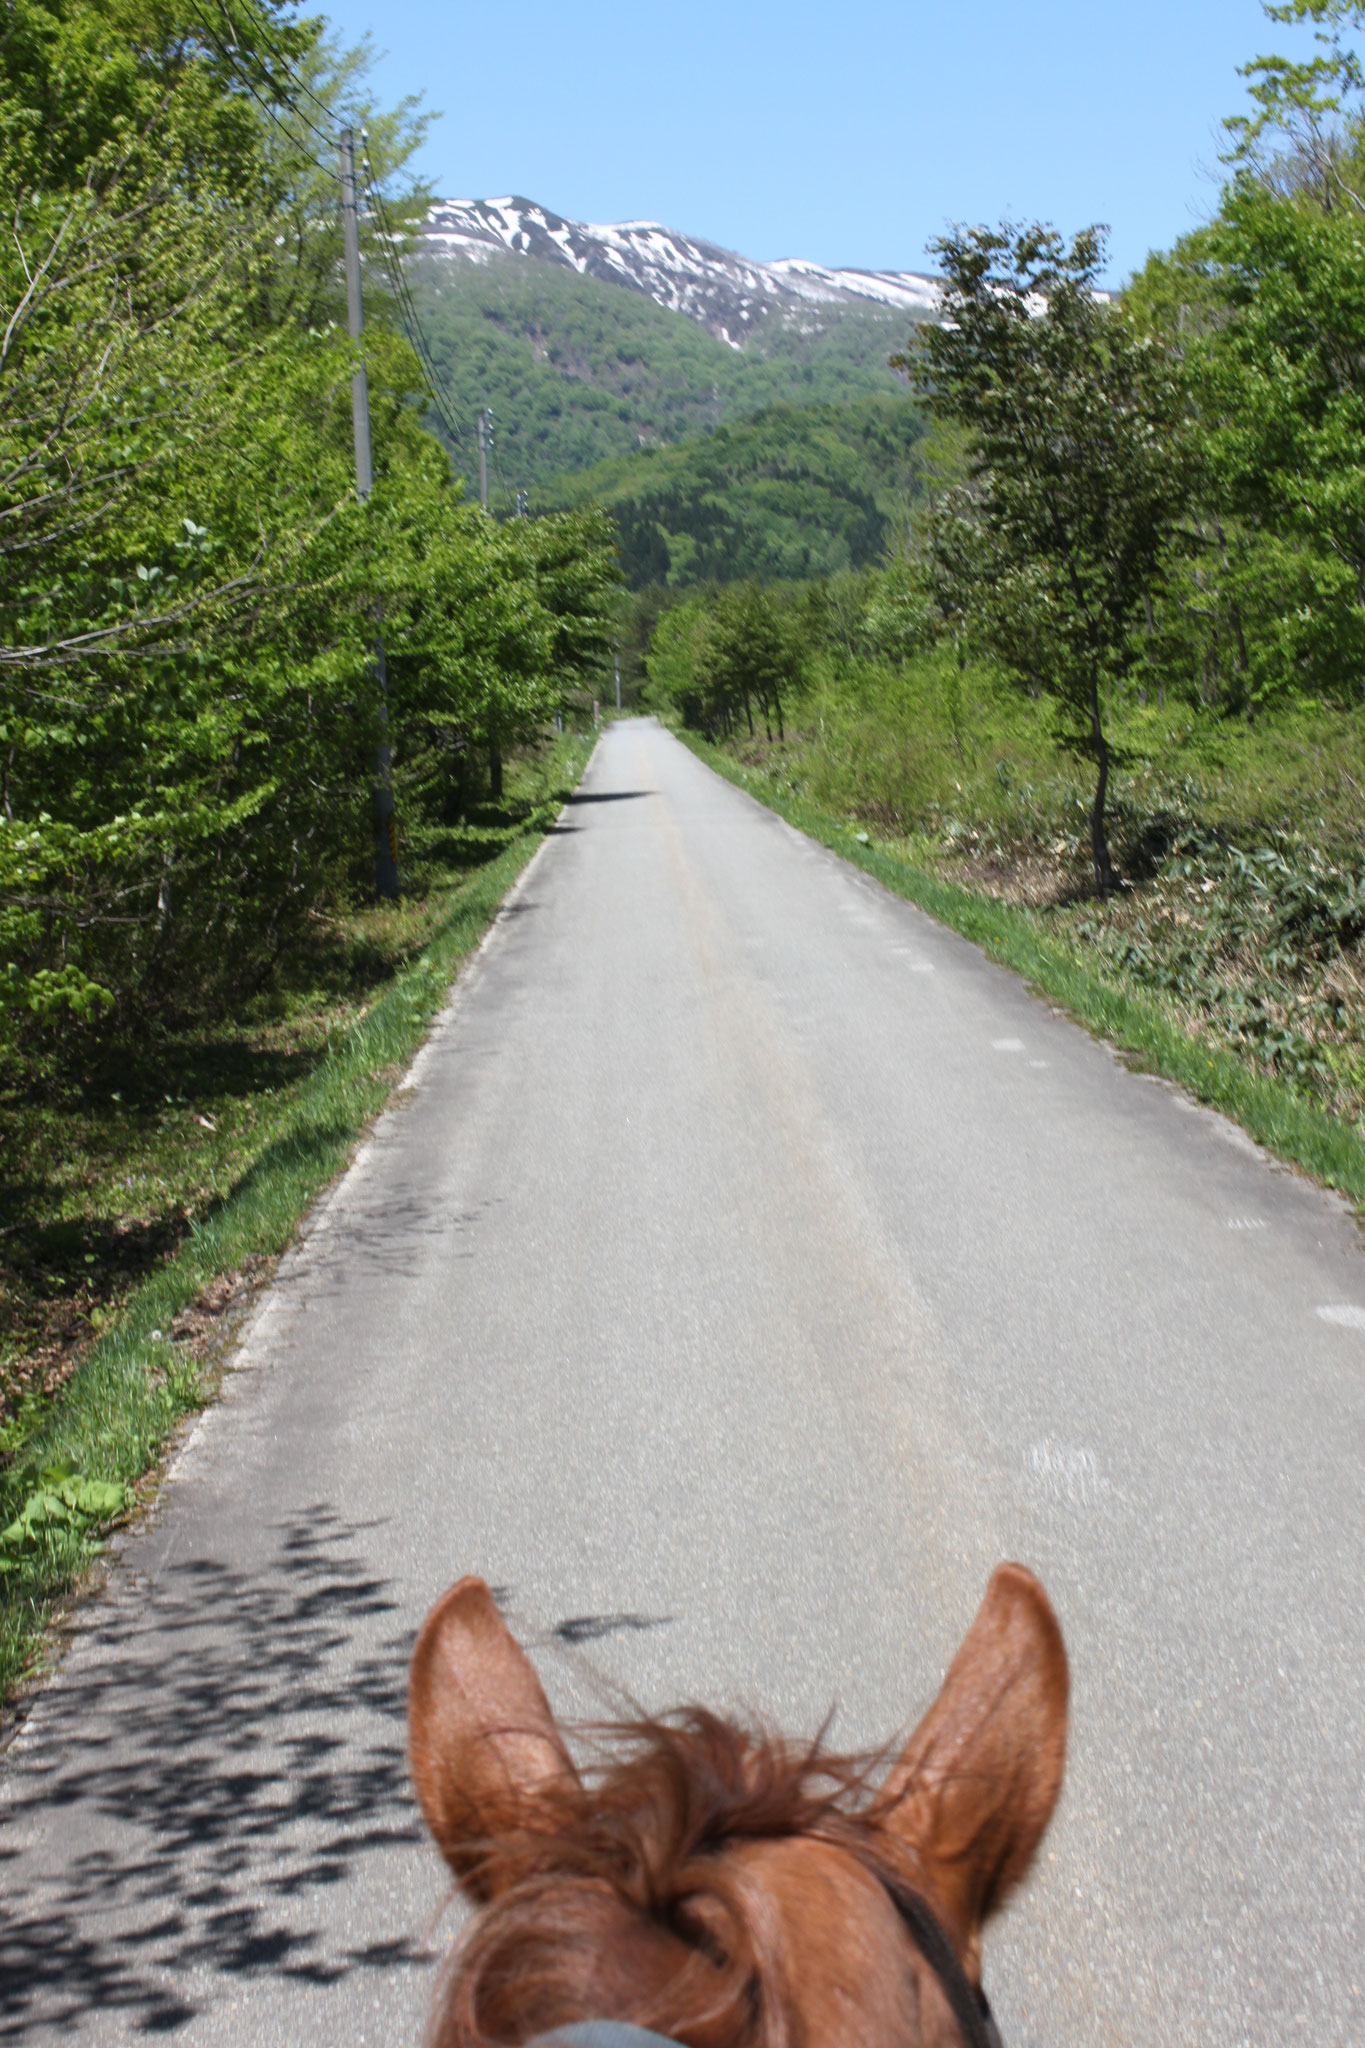 夏:残雪の山並みをみながら乗馬